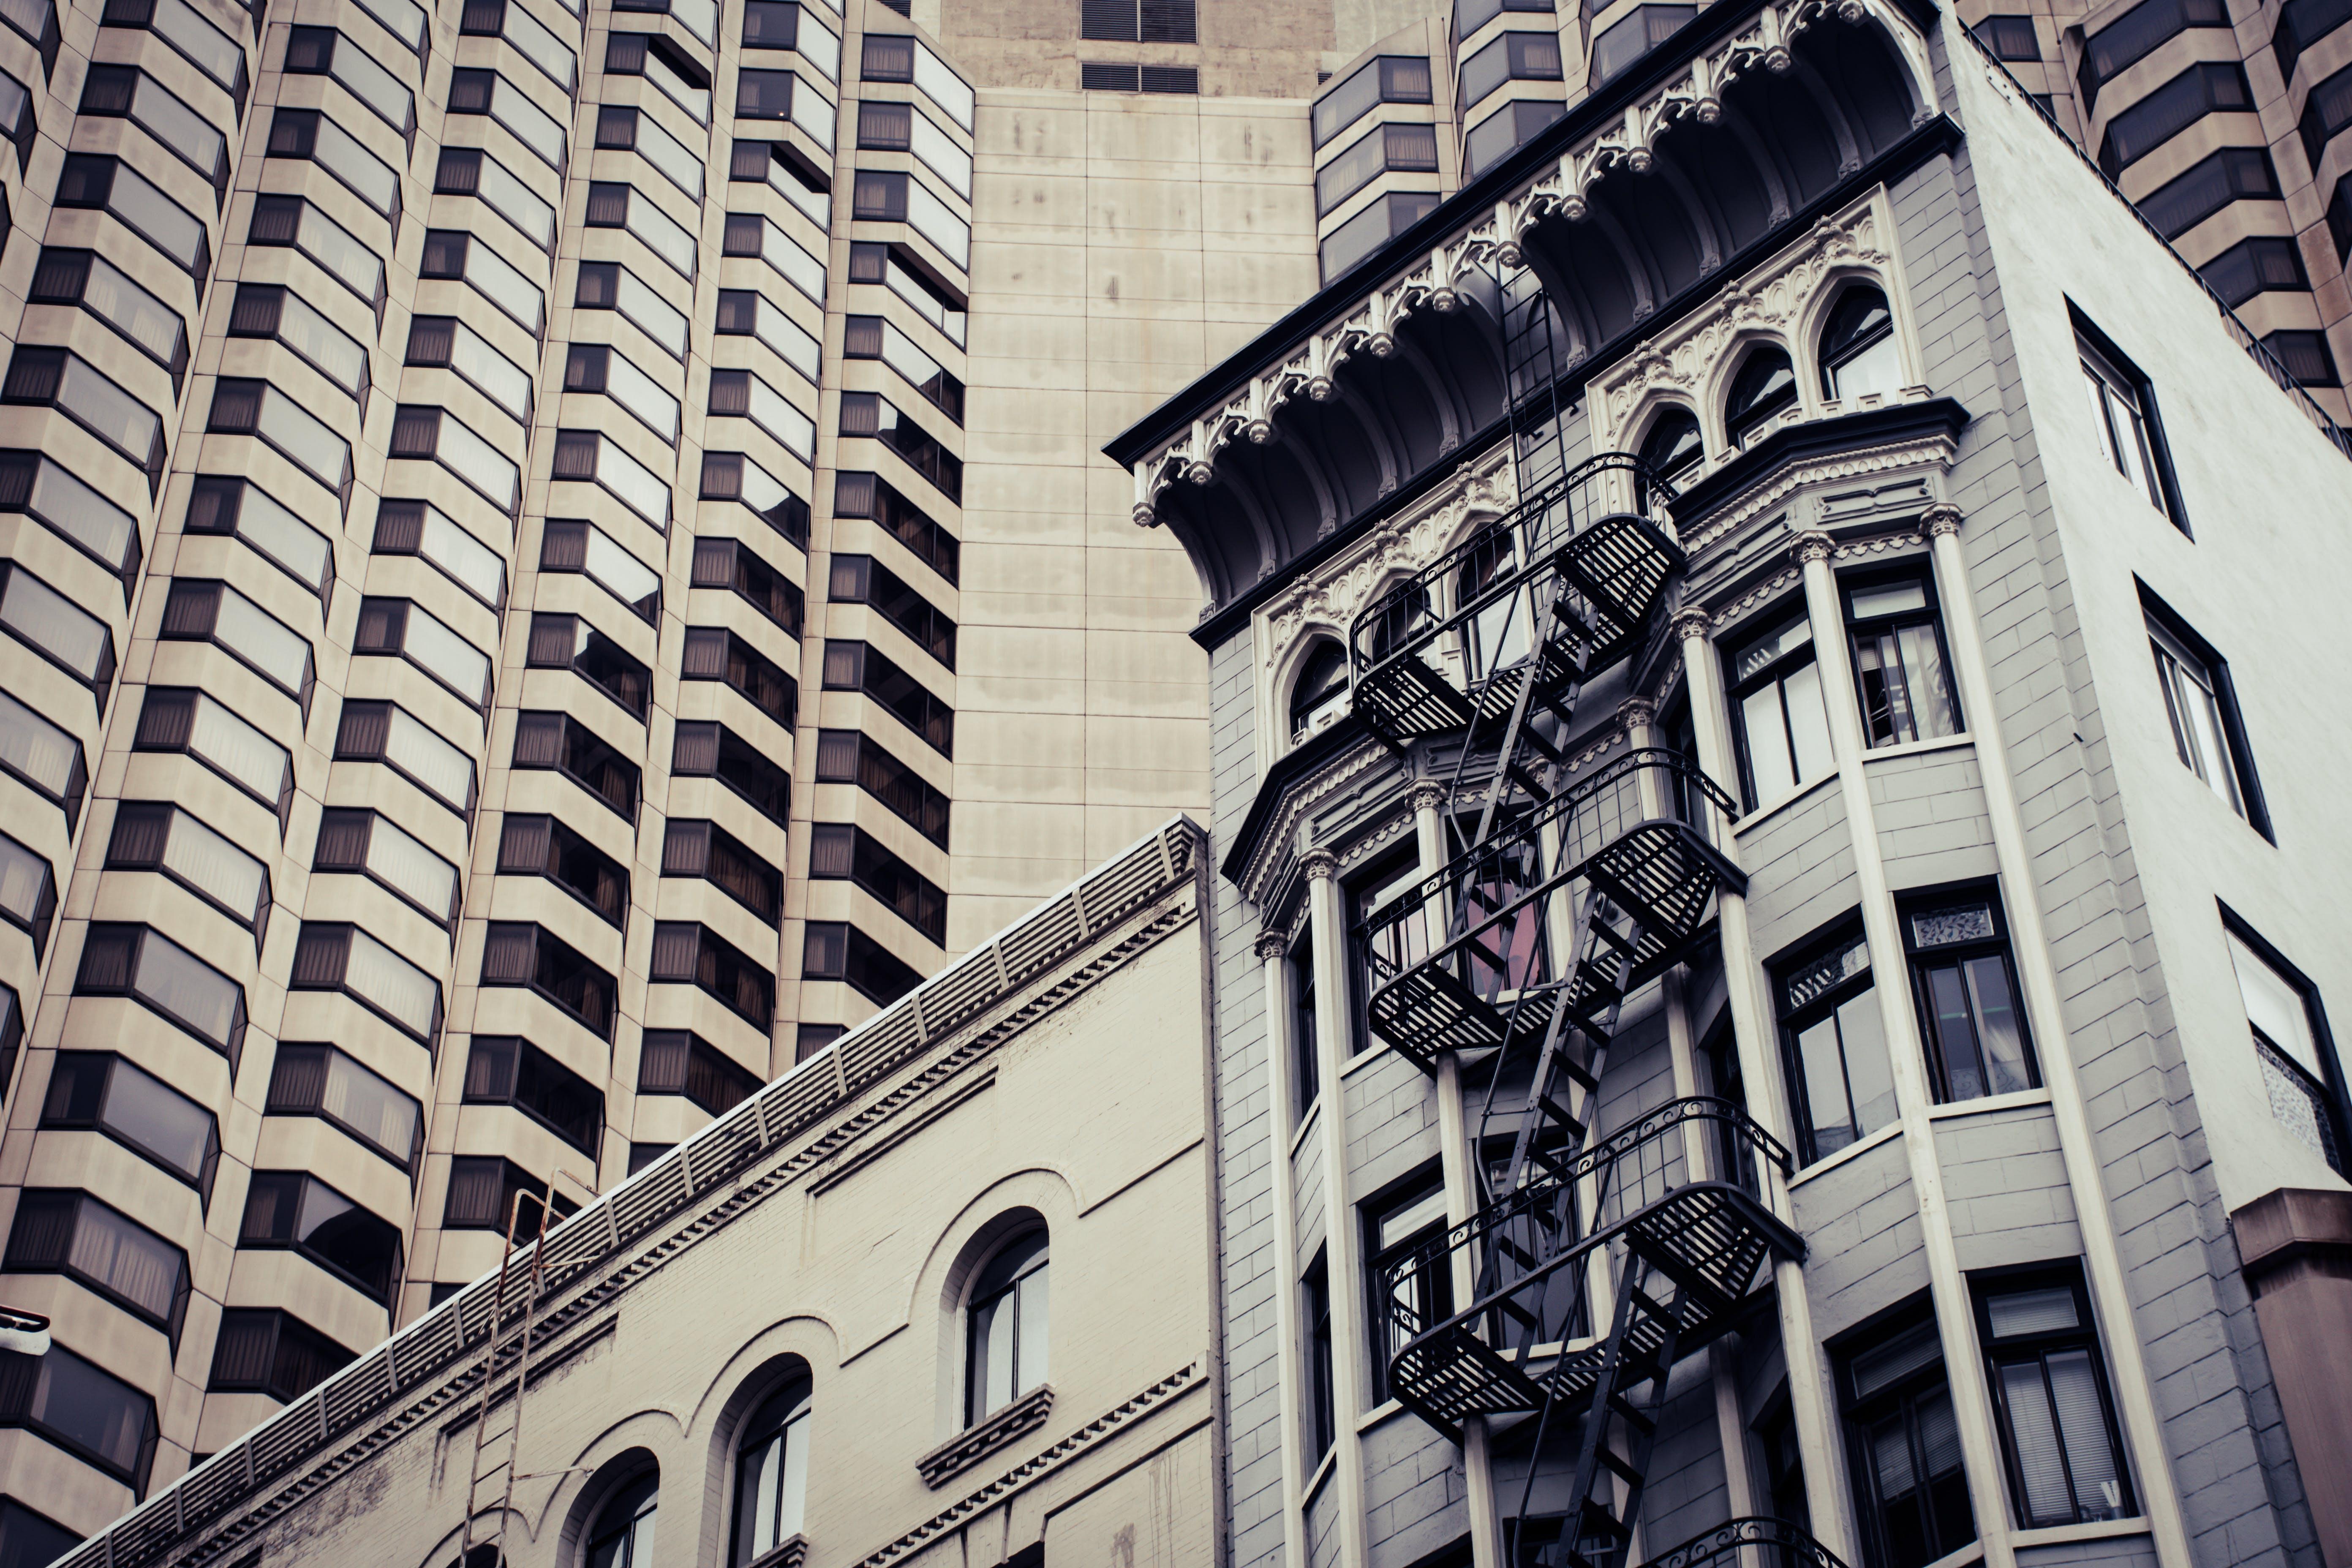 アパート, モダン, 外観, 建築の無料の写真素材